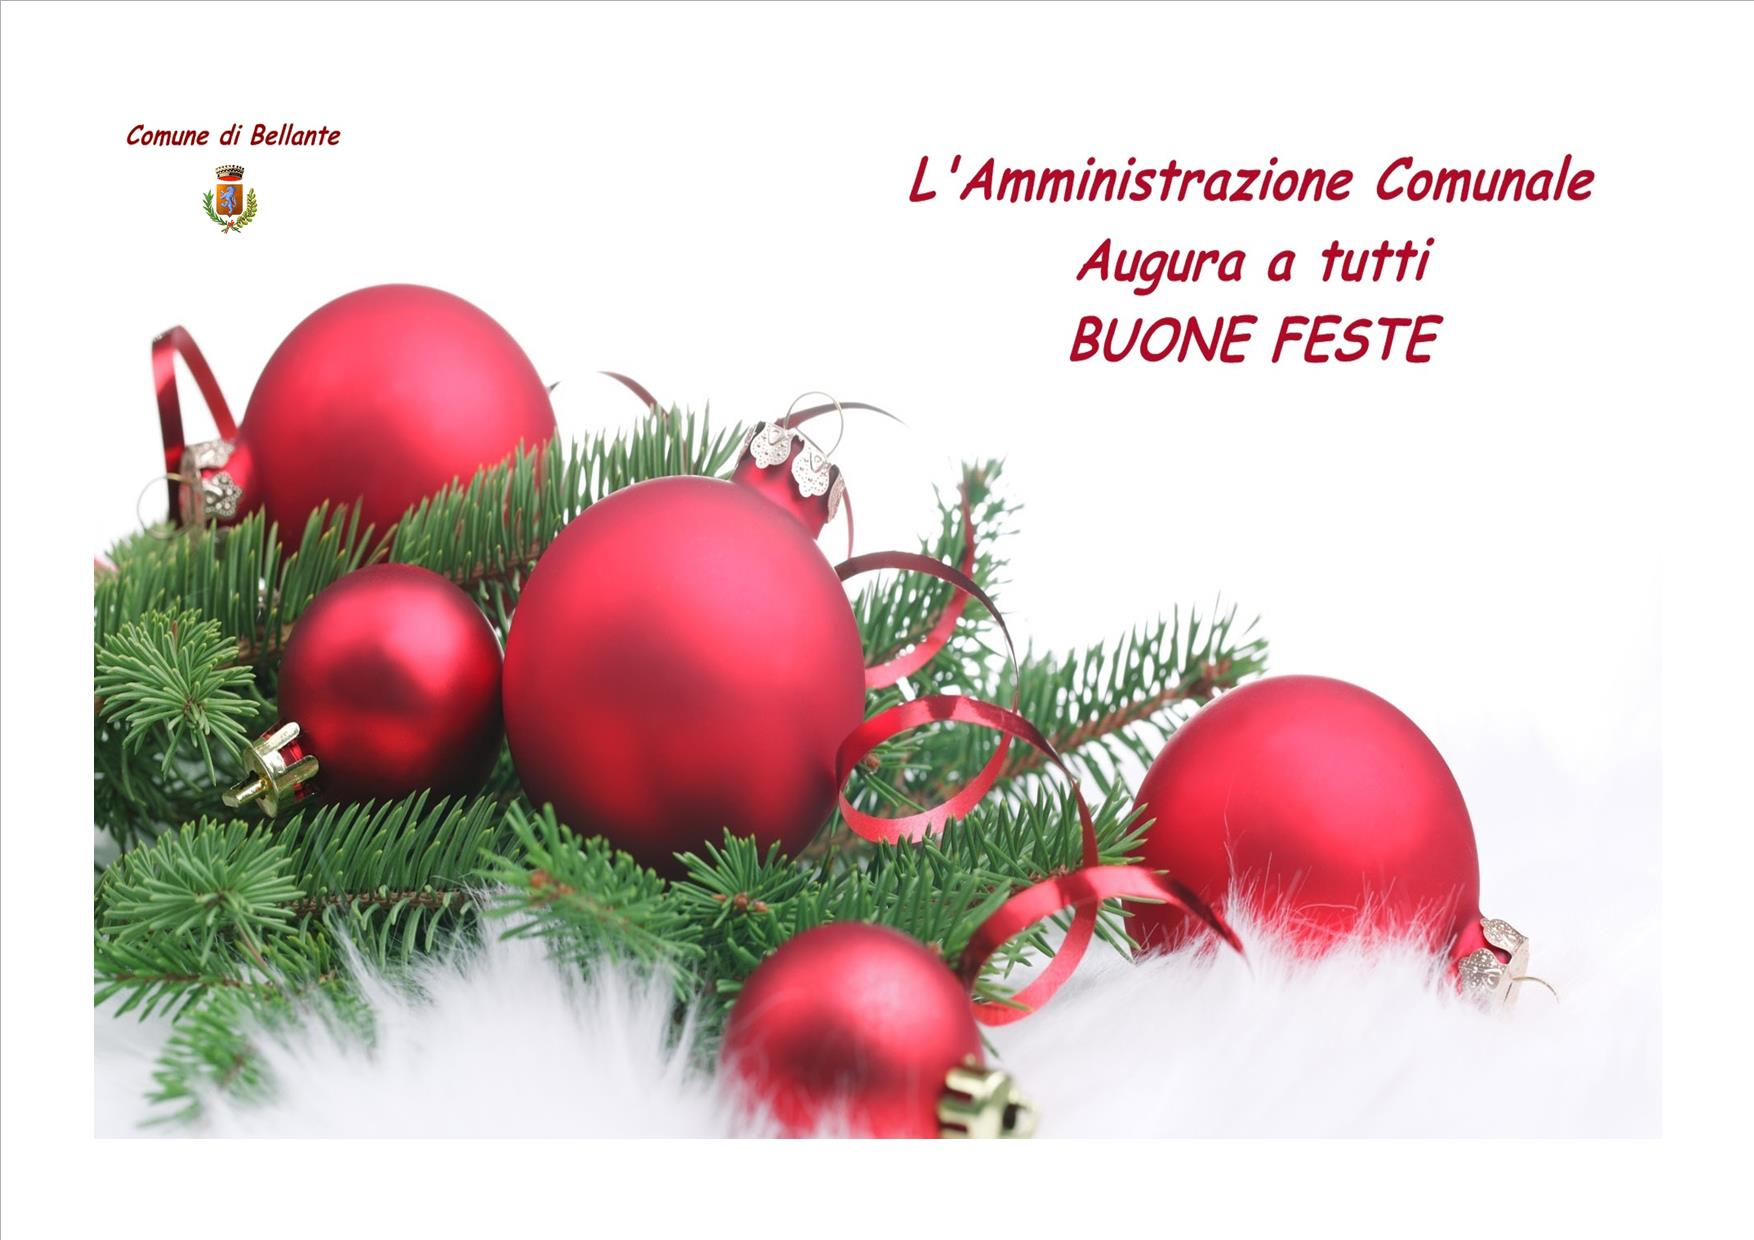 L'AMMINISTRAZIONE COMUNALE AUGURA BUONE FESTE